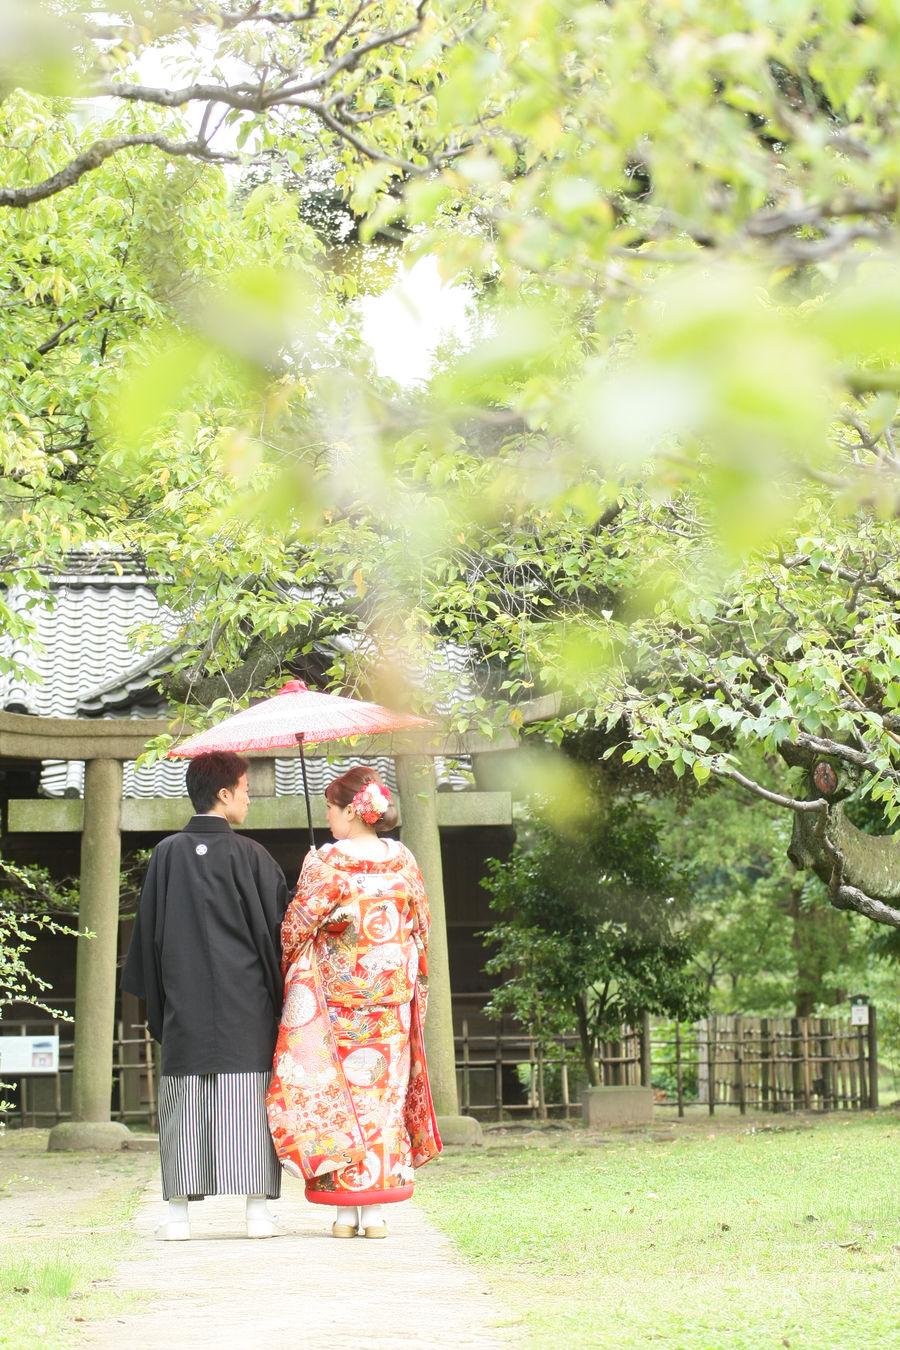 和装 色打掛 ロケーション 庭園 バックショット 番傘 黒紋付袴 紅葉